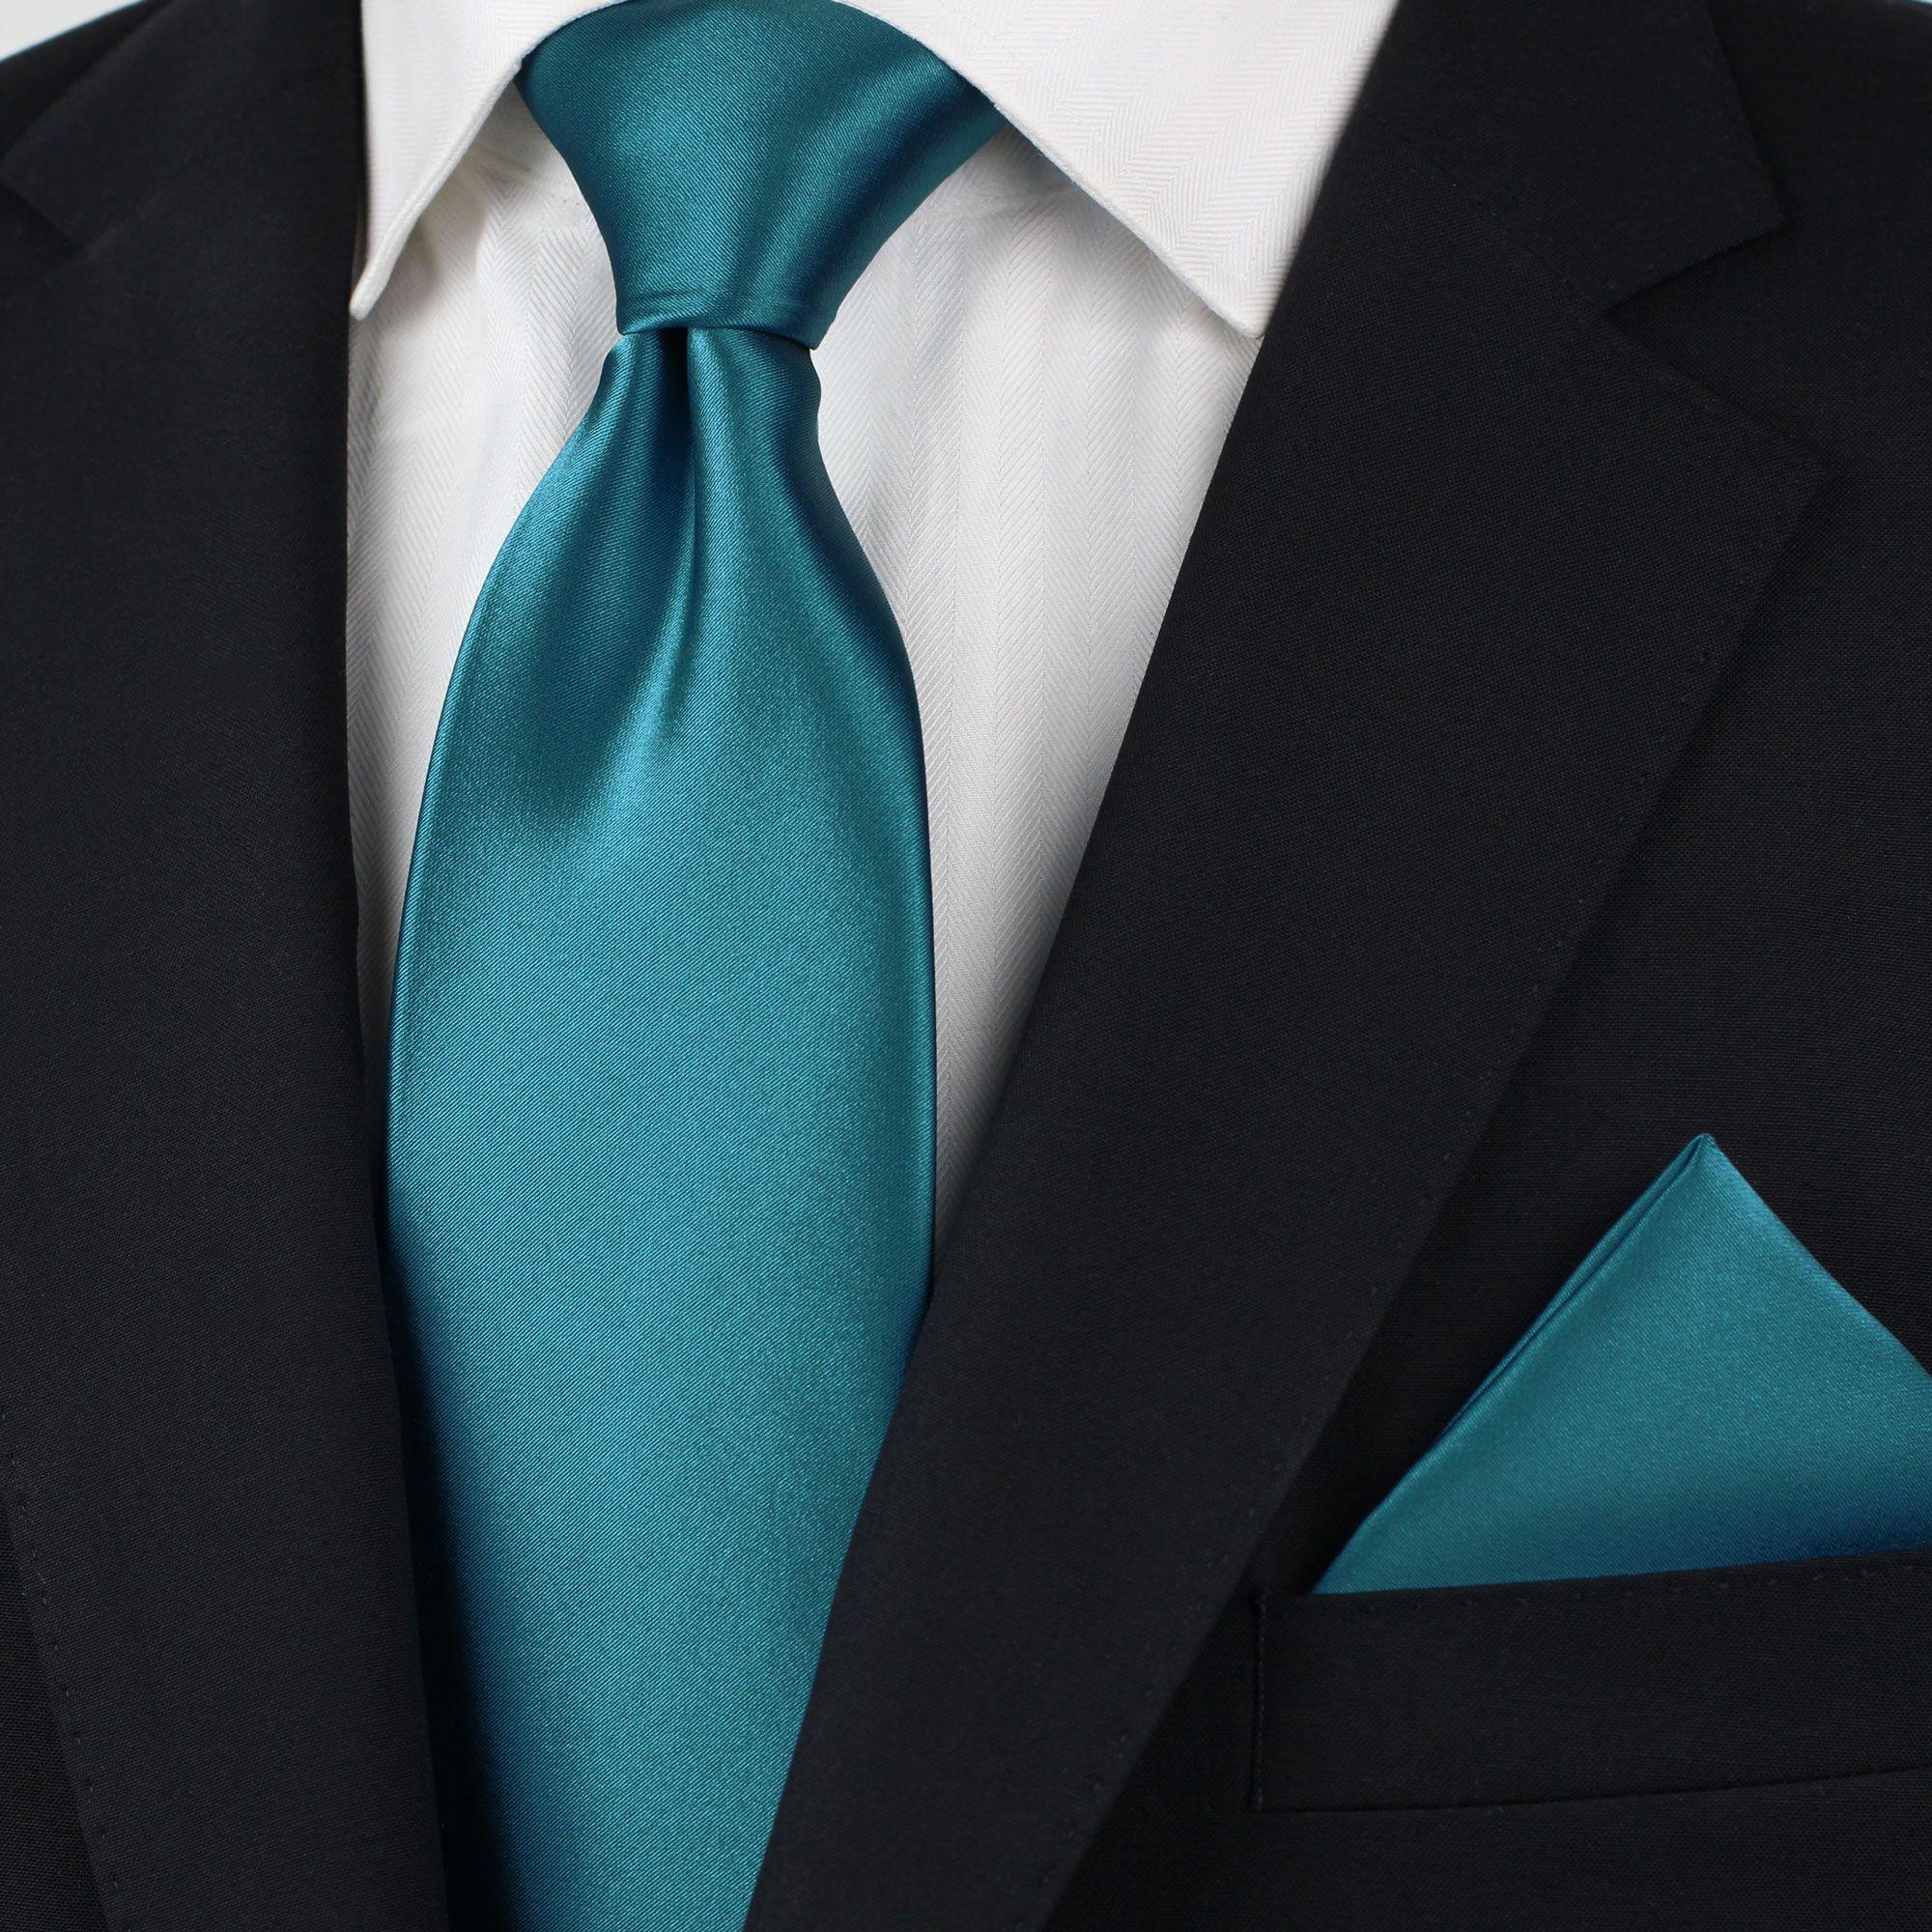 Cravate - Fleurs Ton Sur Ton, Brodé En Cran Bleu Clair